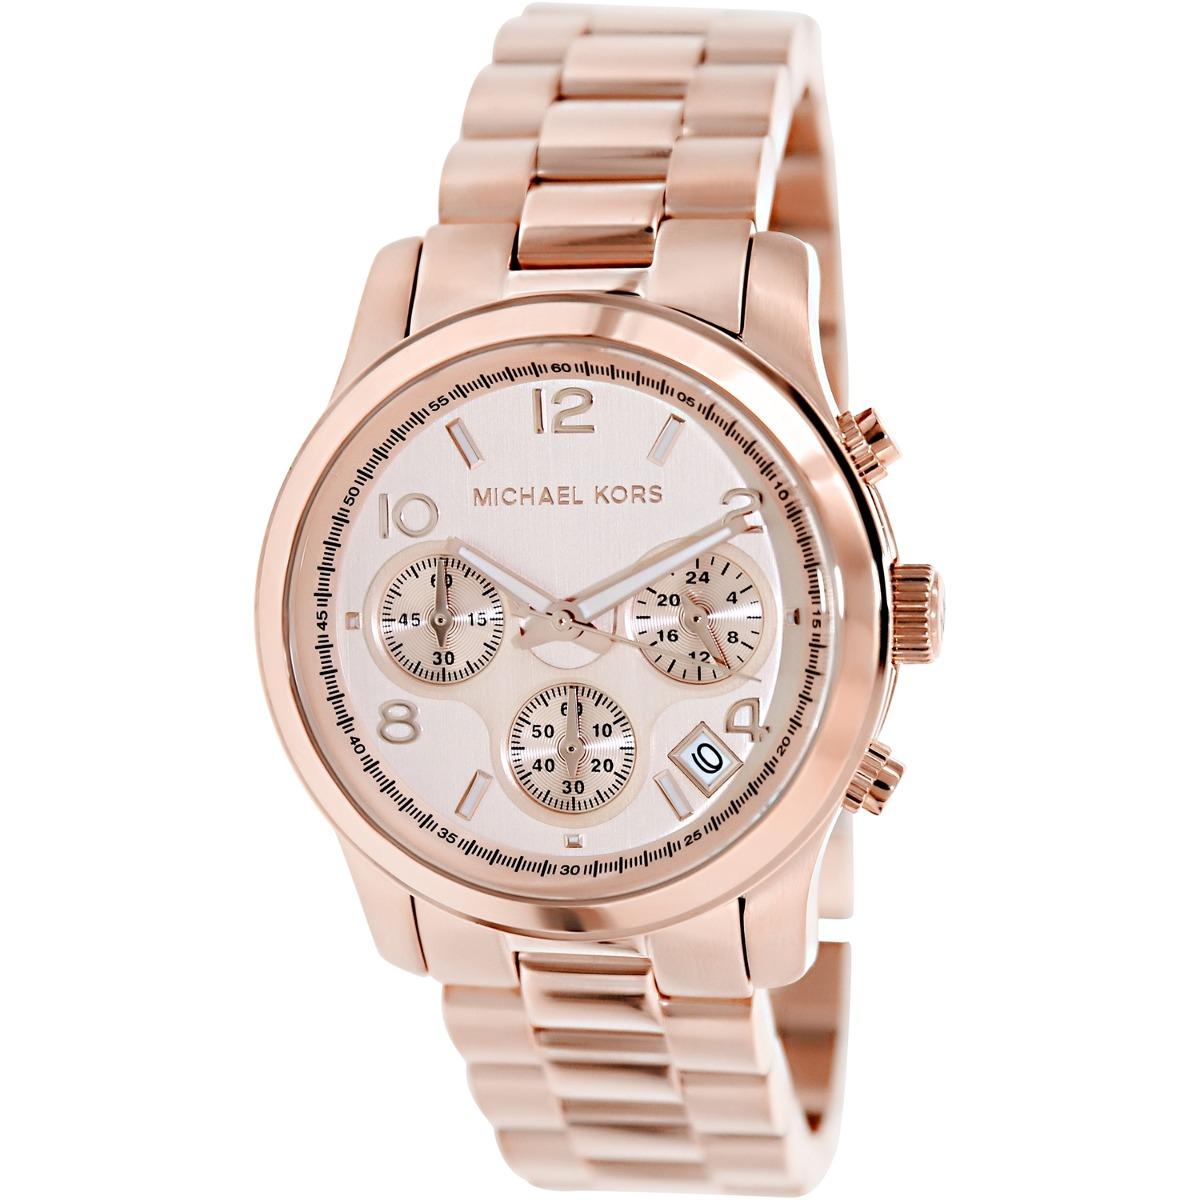 5aa40675dc40 reloj michael kors runway mk5128 color oro rosa p mujer. Cargando zoom.